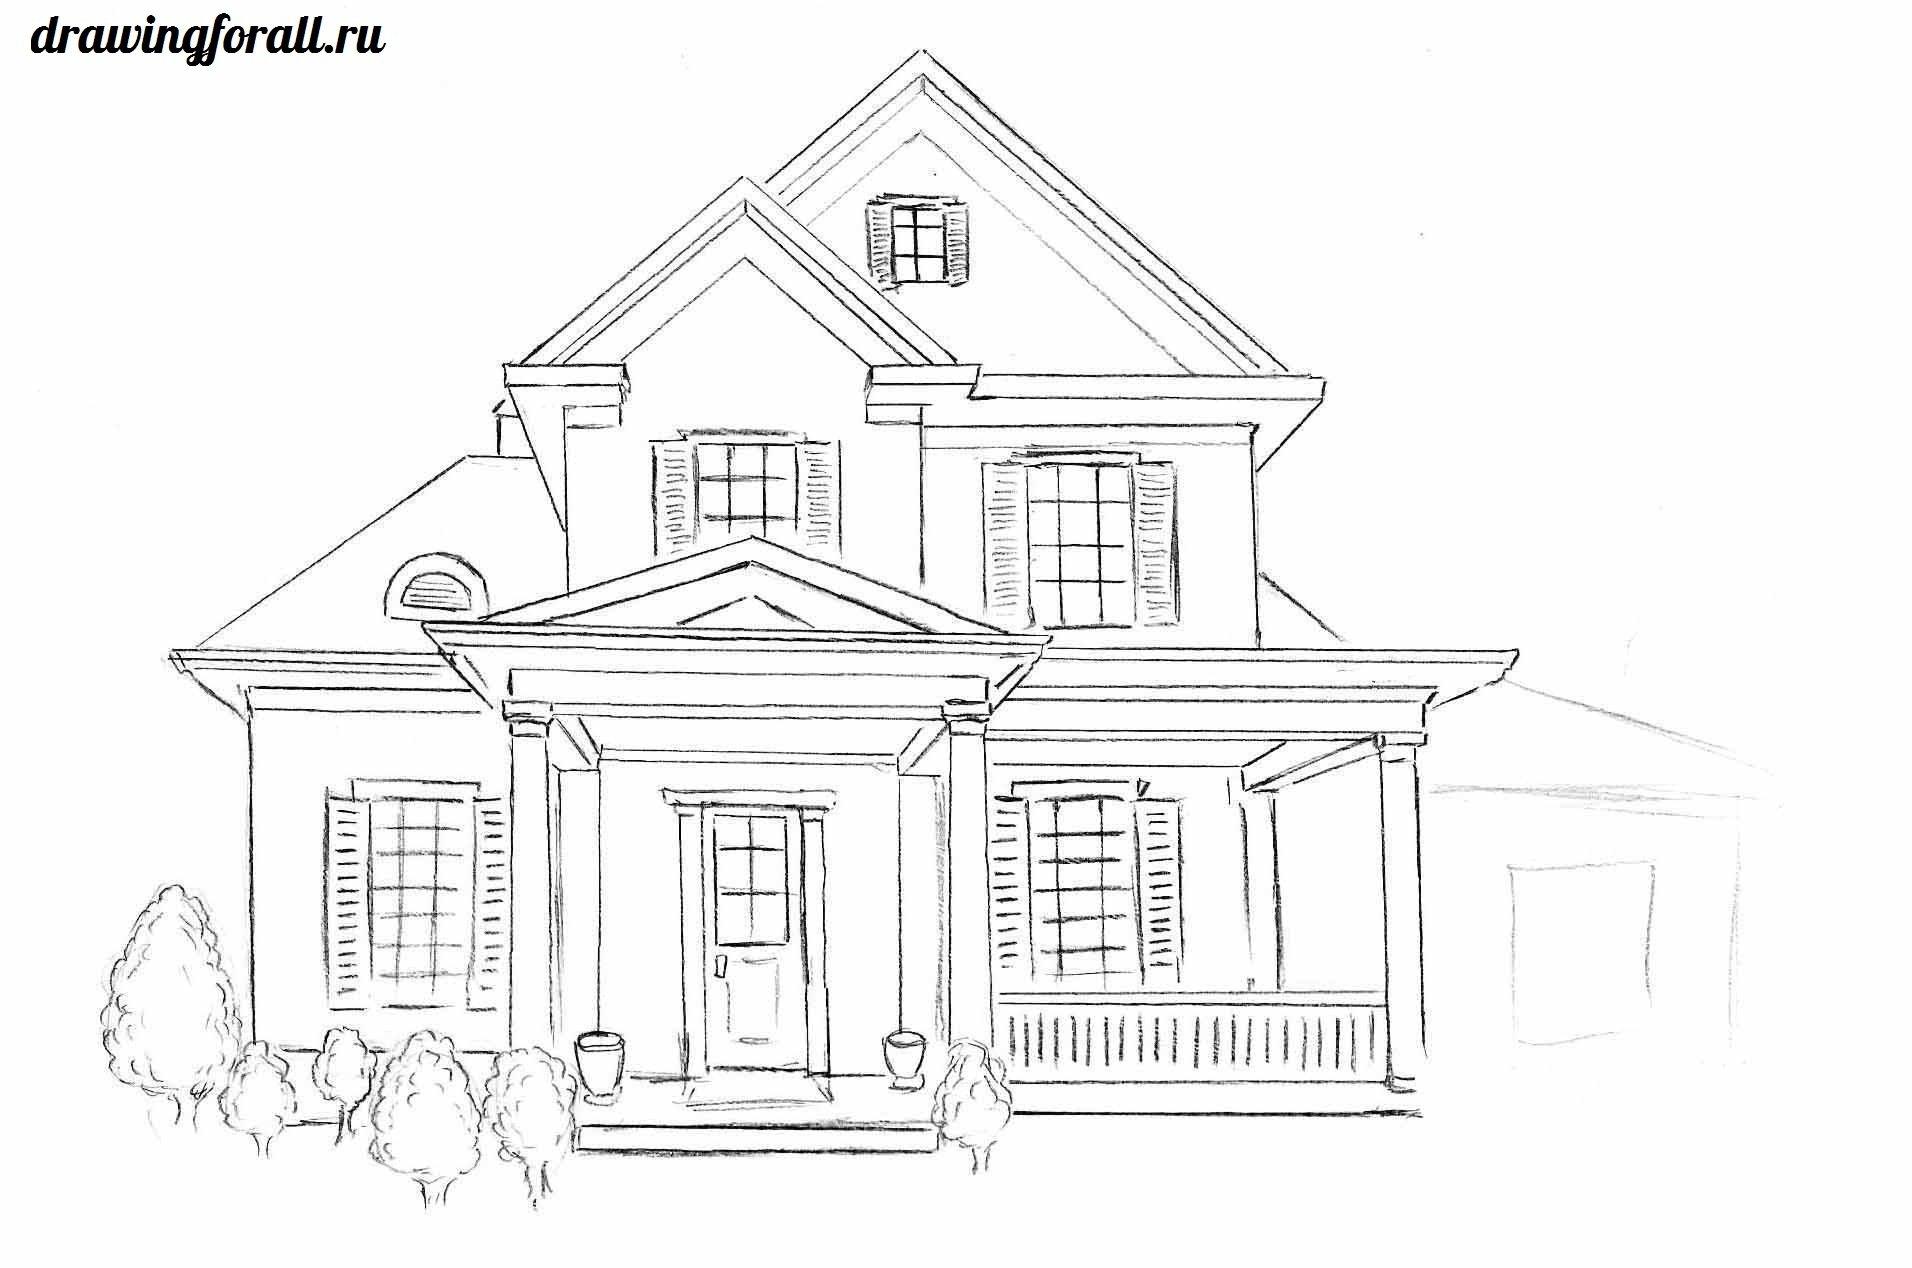 Как нарисовать дом поэтапно